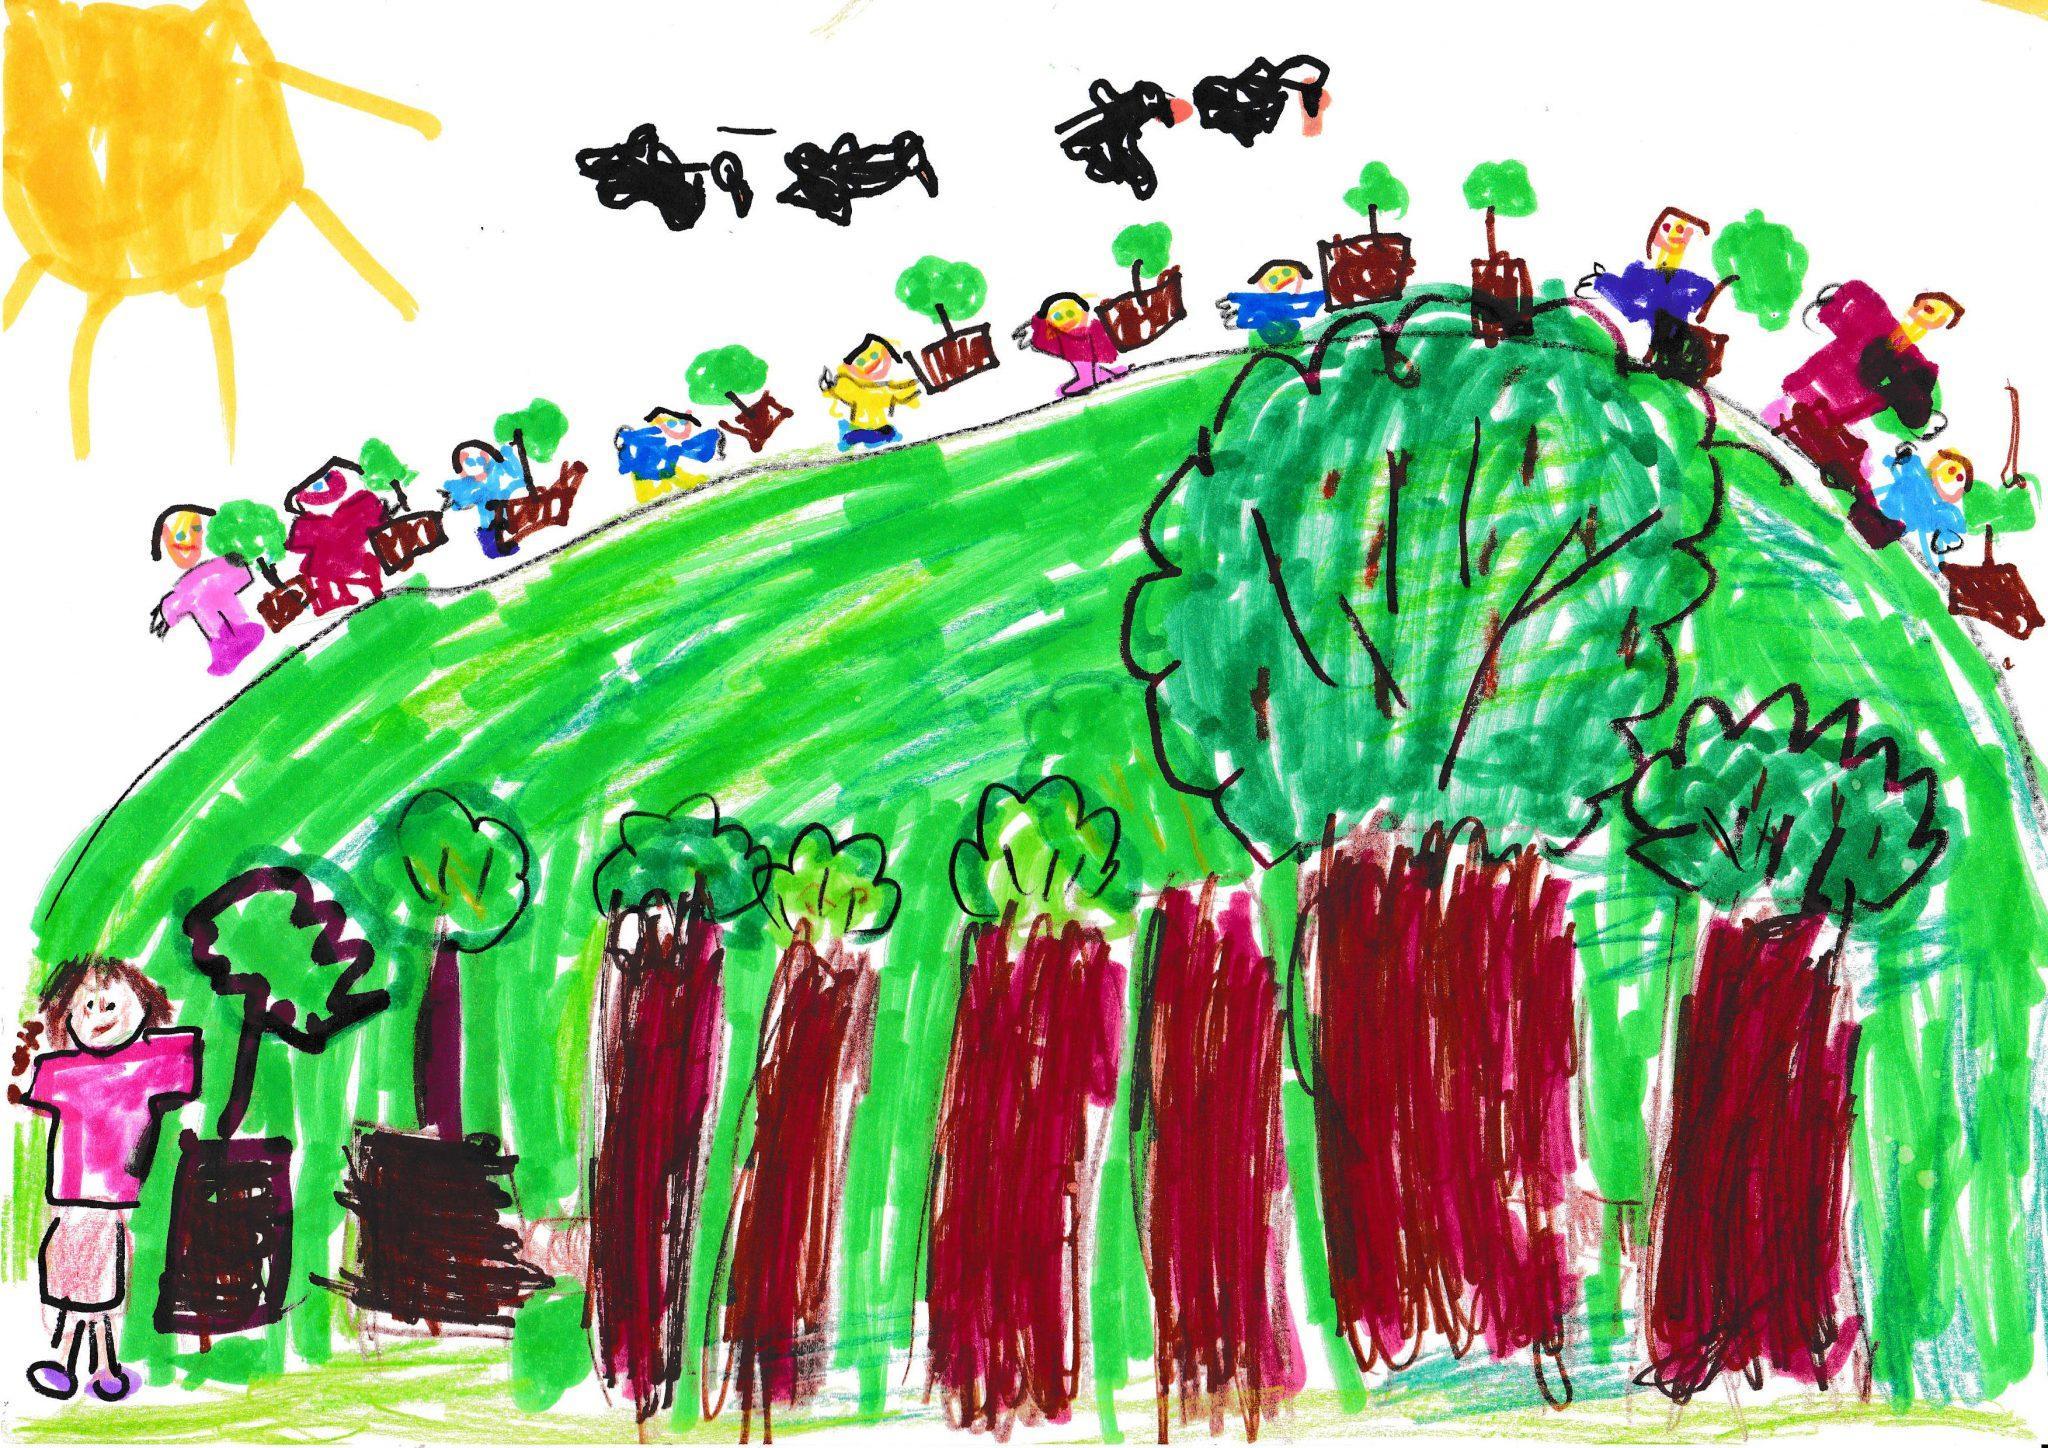 Fát ültetünk hogy legyen friss levegő és a madaraknak élőhely Debreceni Szabadságtelepi Óvoda